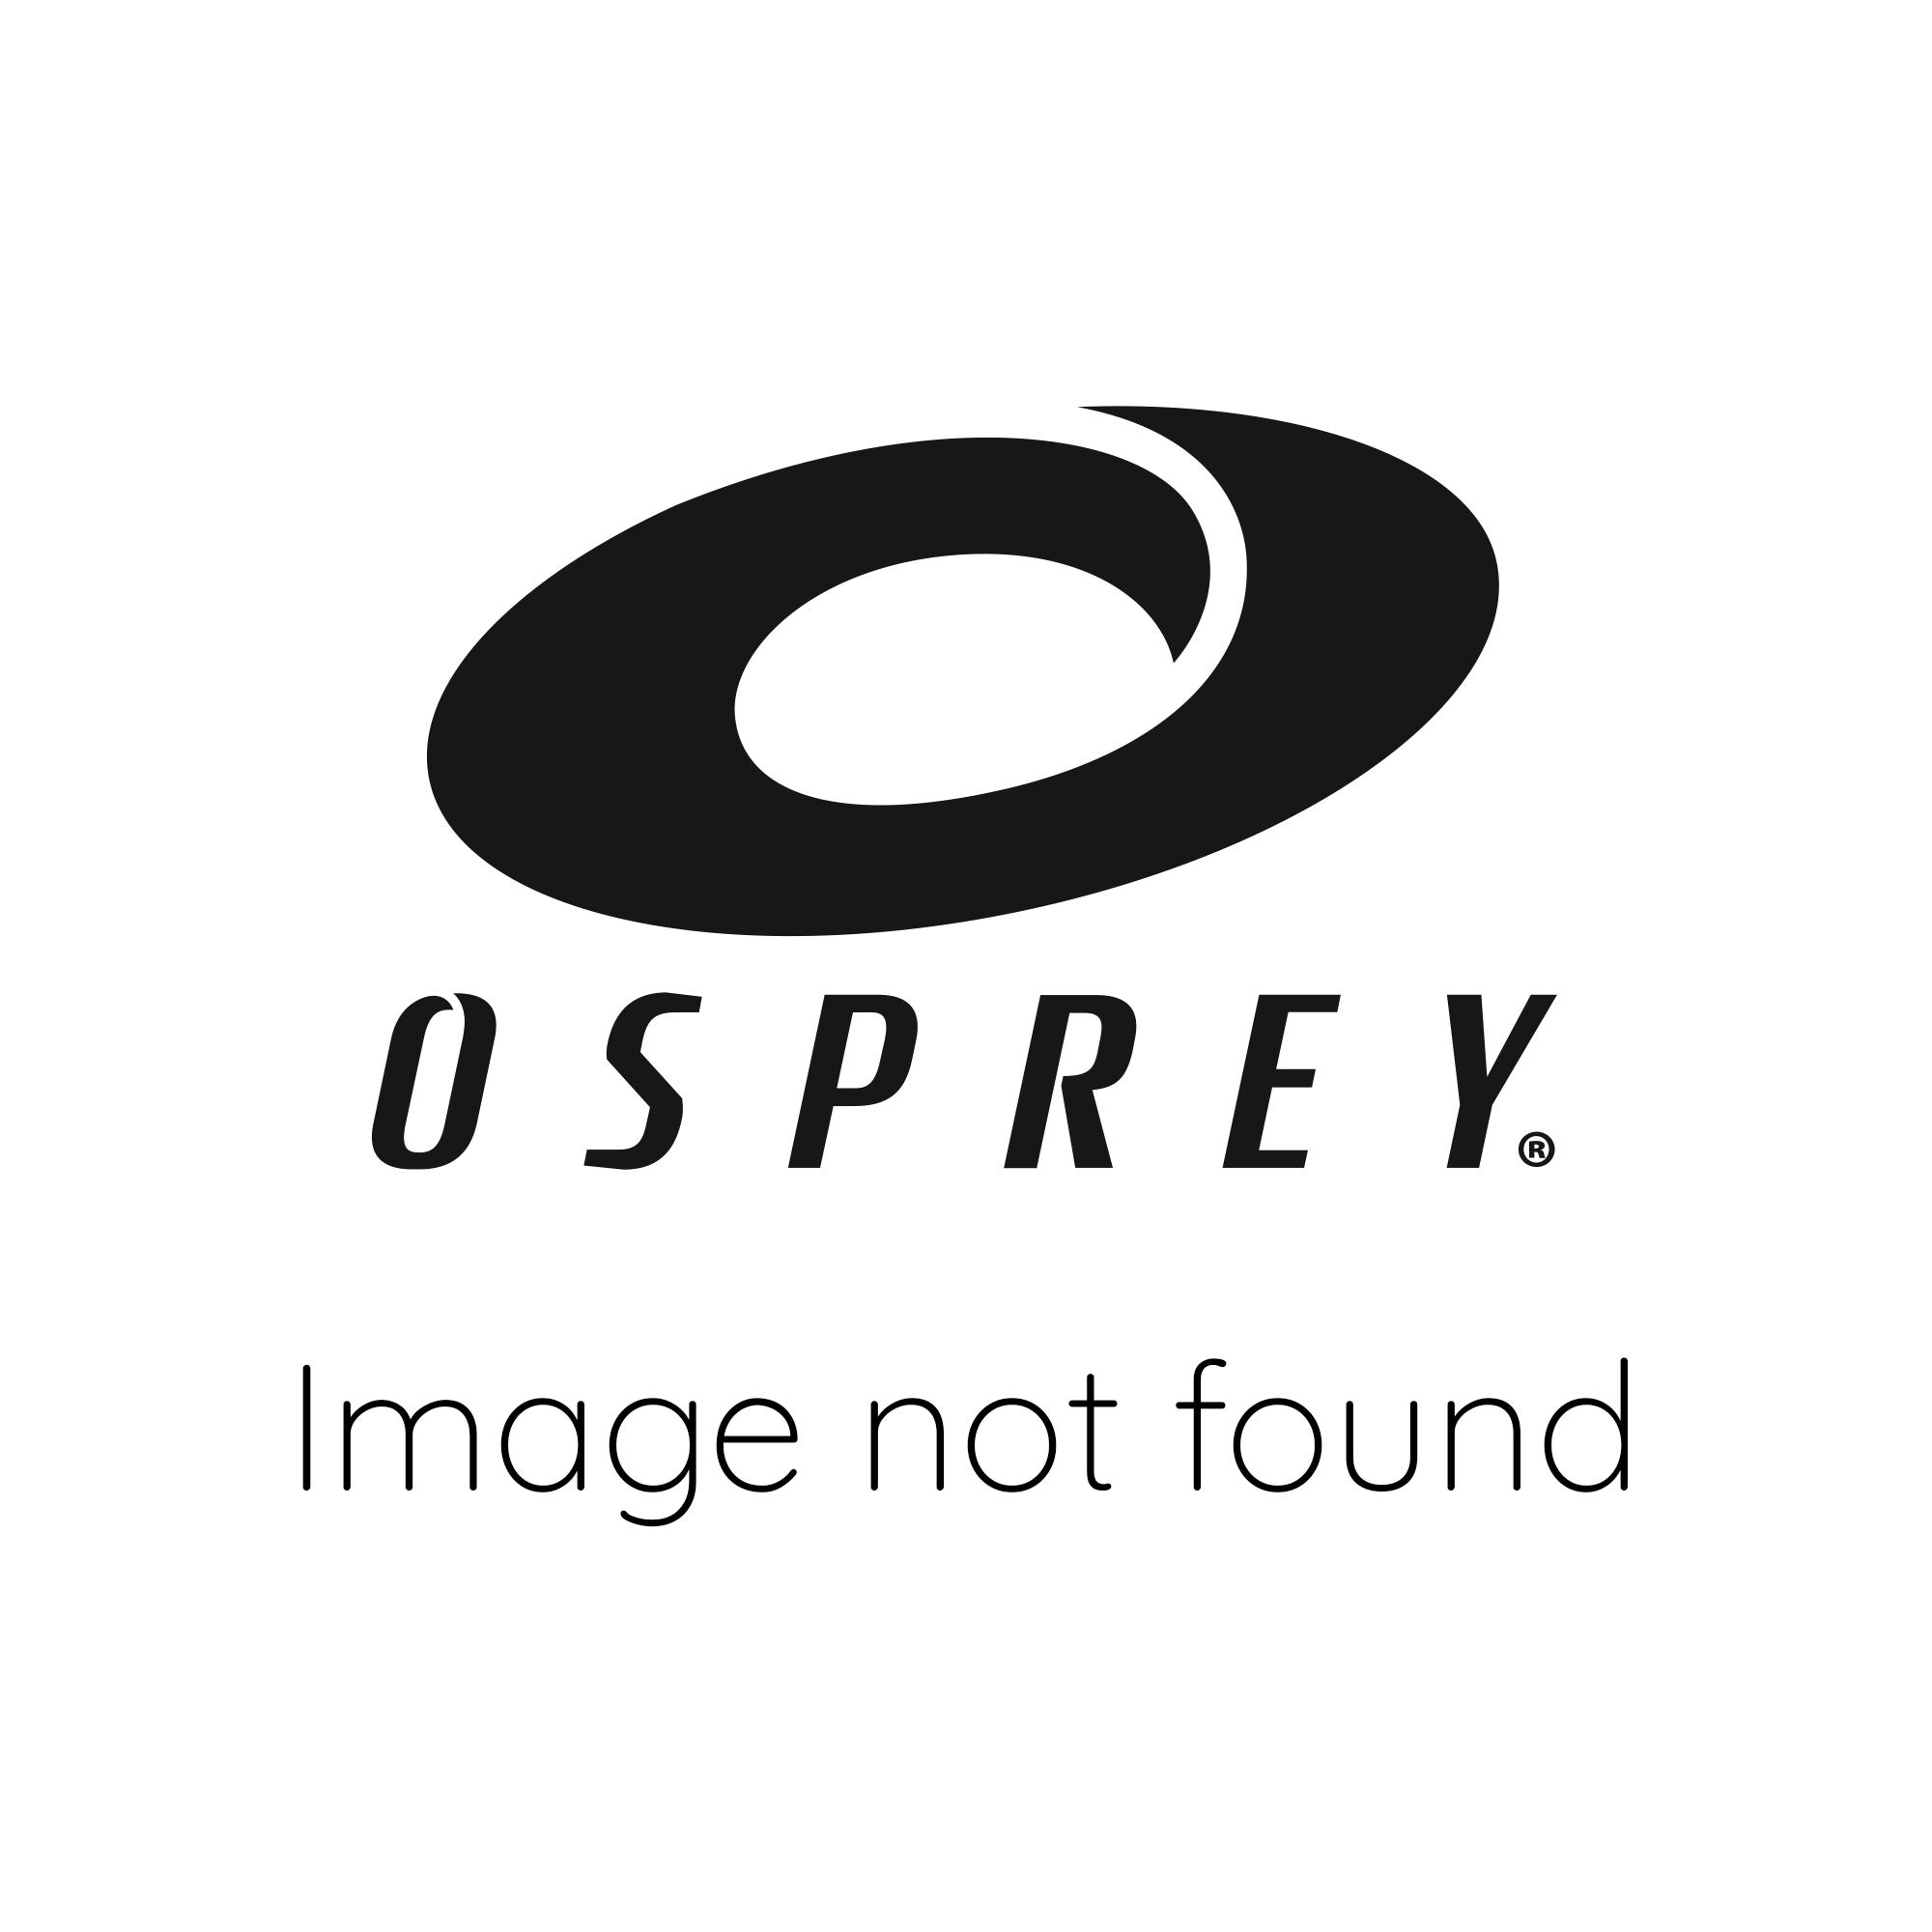 Osprey Adjustable Quad Skates Blue